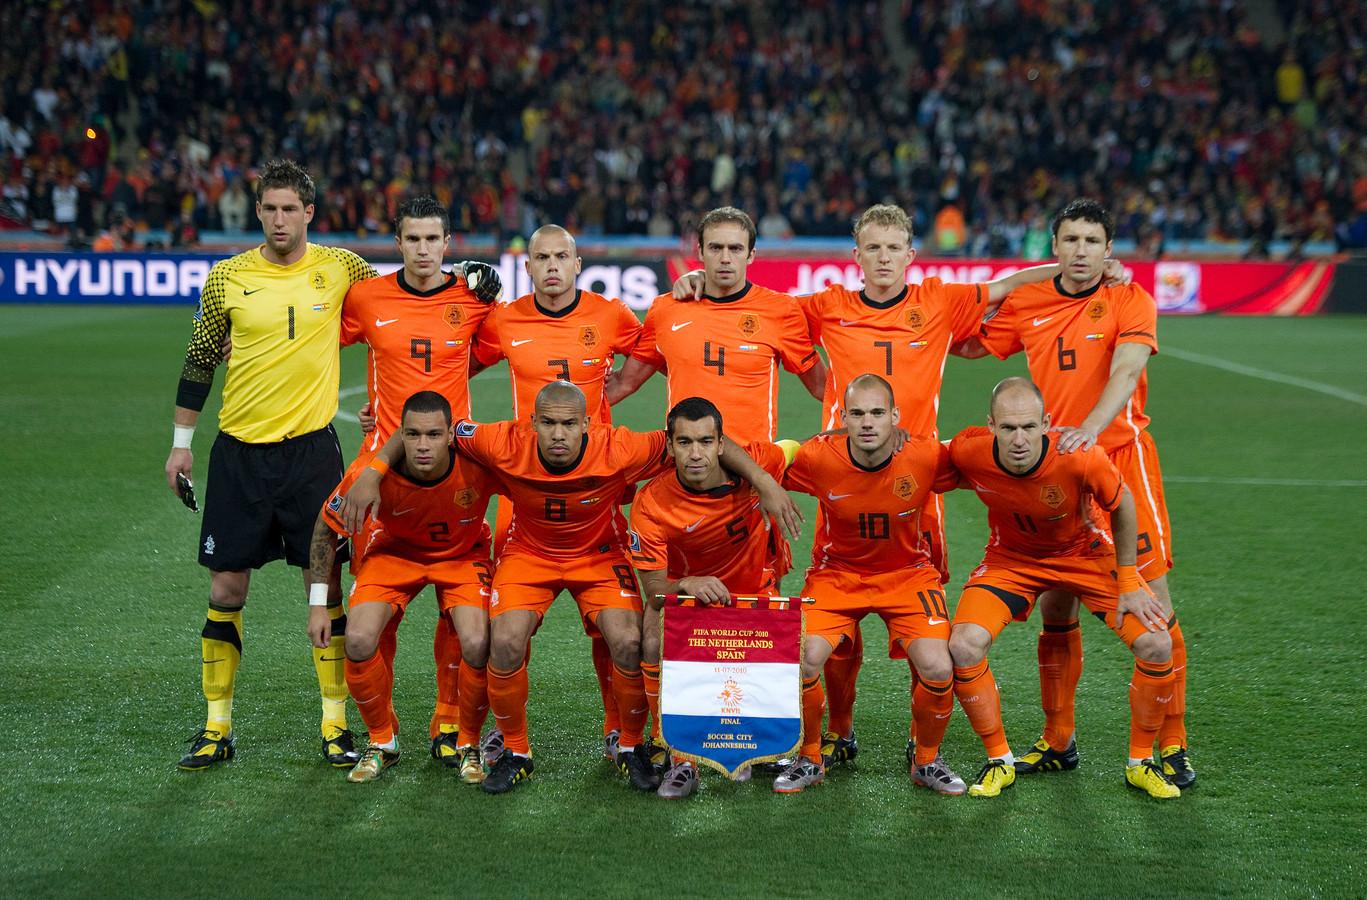 Het Nederlands elftal poseert voor de aftrap van de finale tegen Spanje in Johannesburg.